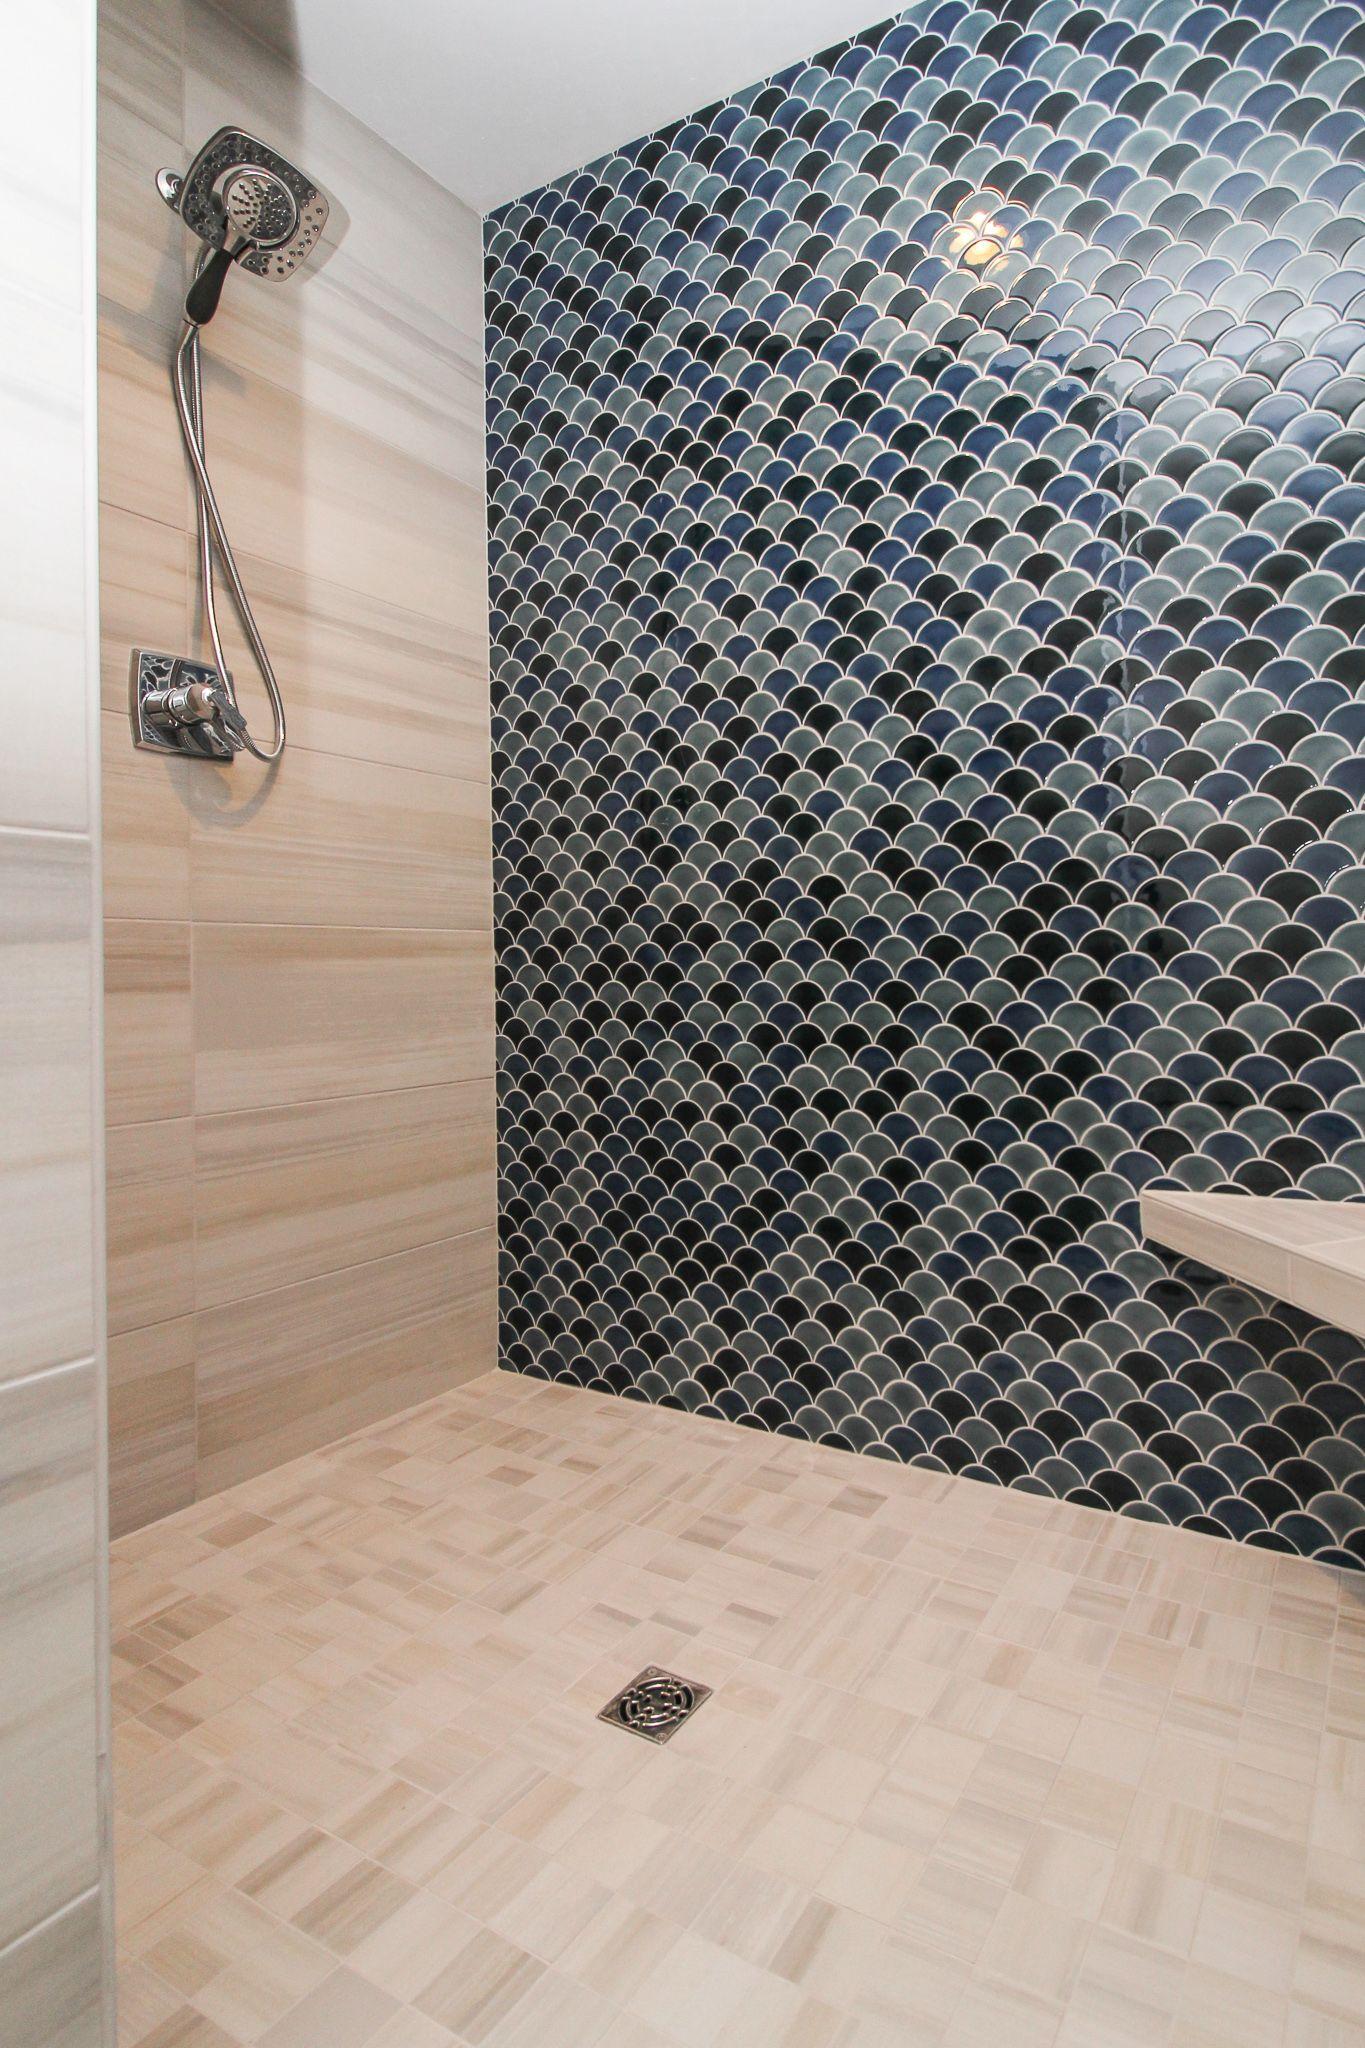 Elegant Aqua Tiled Shower In 2020 Shower Tile Aqua Tiles Shower Wall